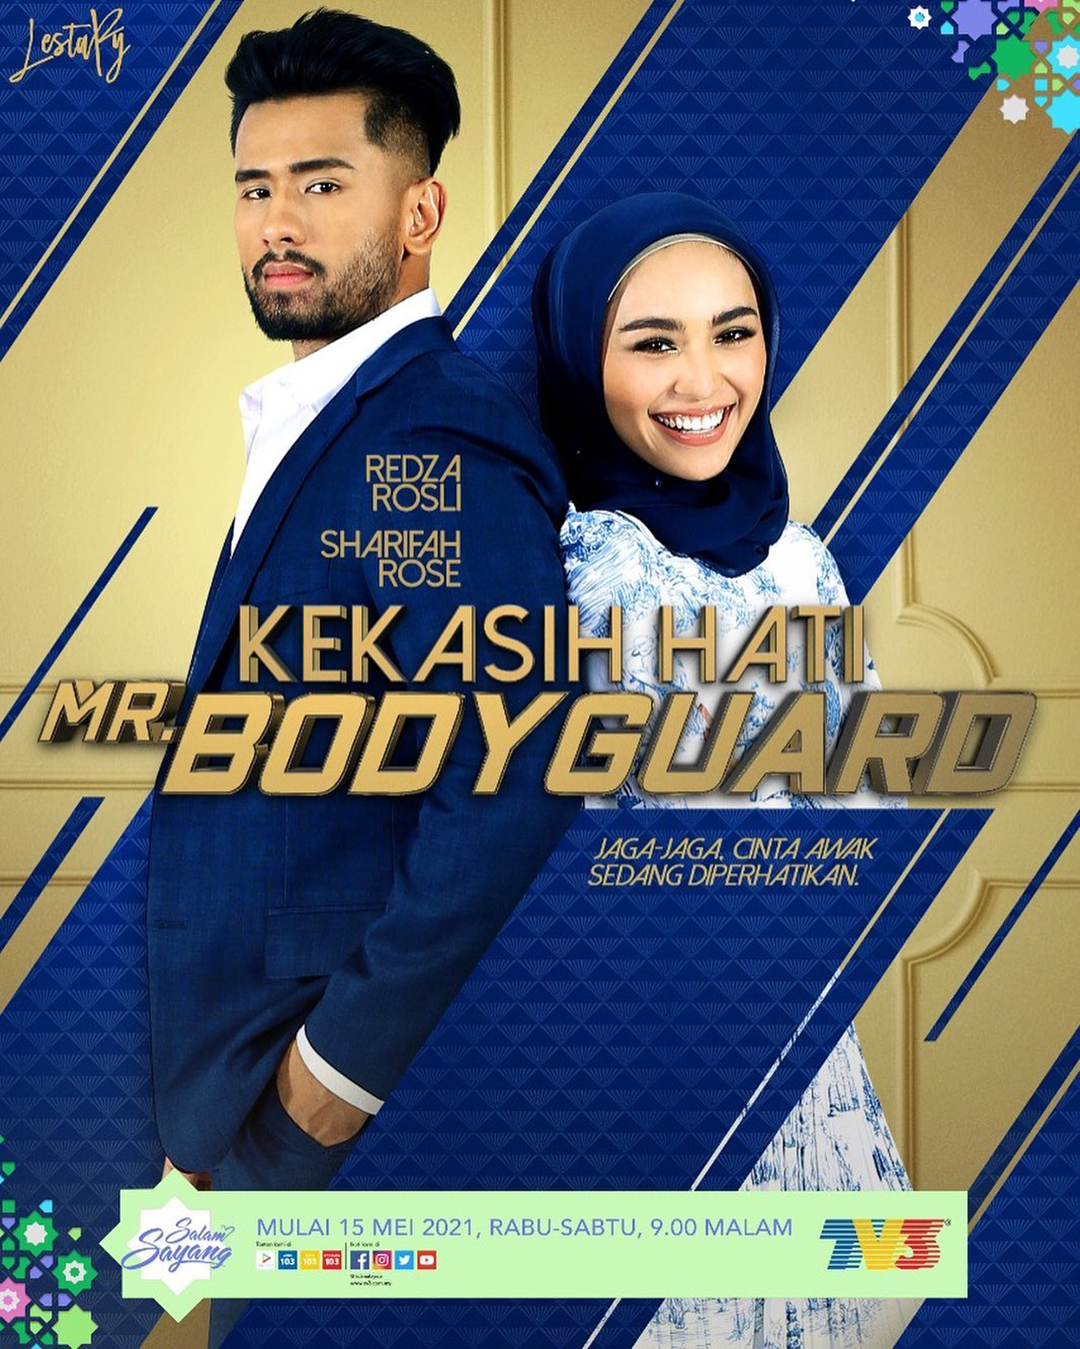 Kekasih Hati Mr Bodyguard (2021)